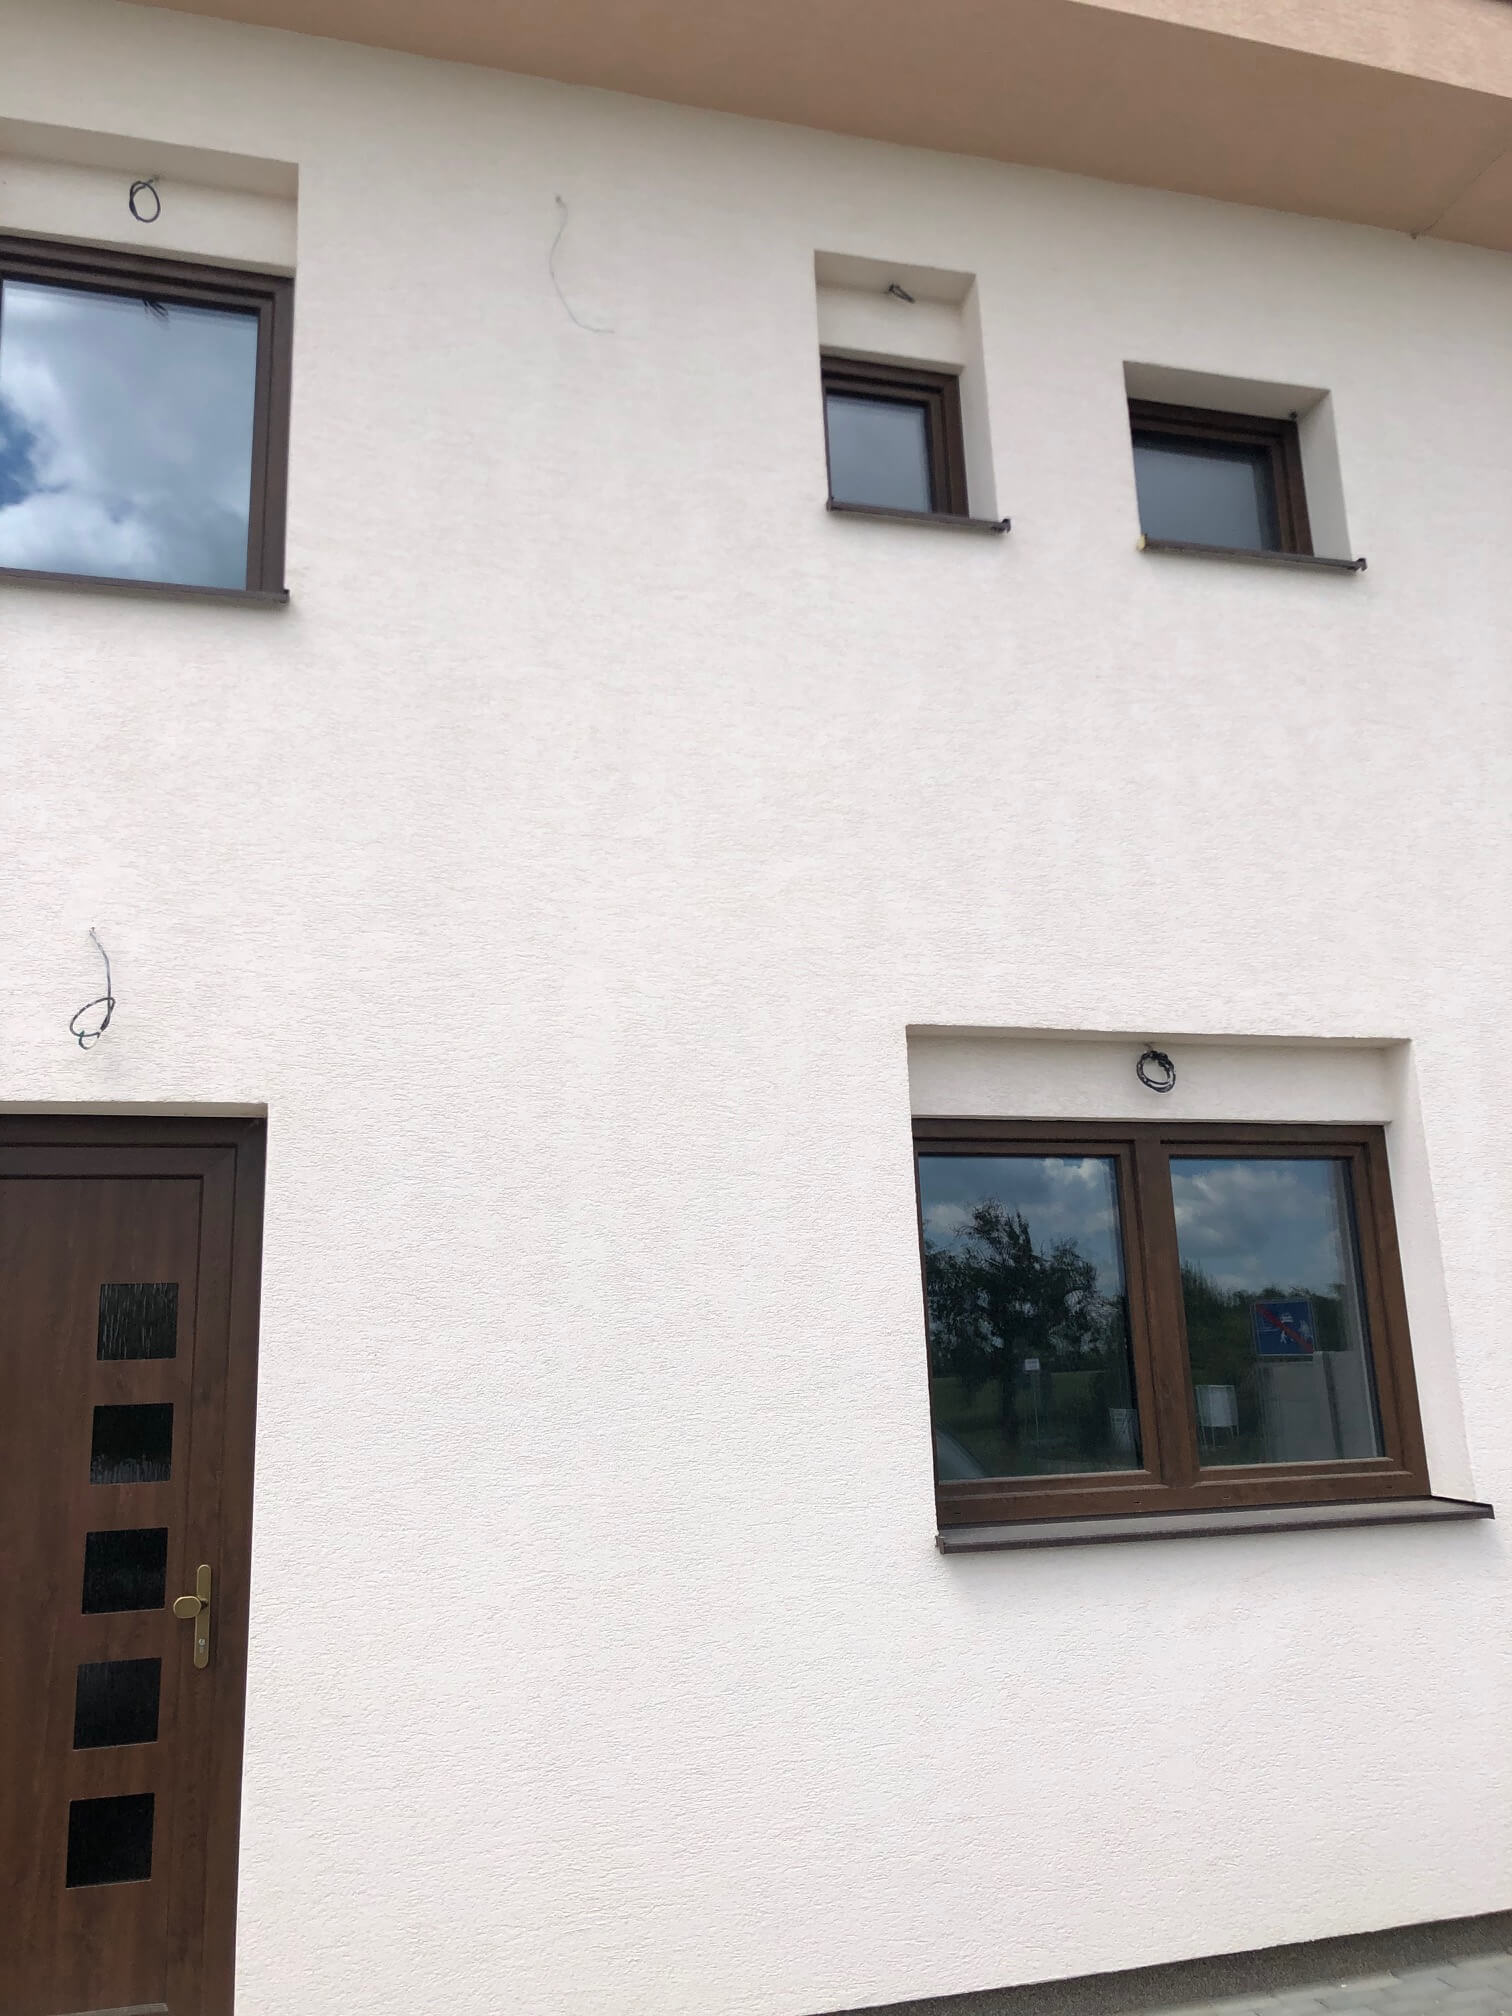 Predané: Rodinný dom 3 izbový, Novostavba, Kalinkovo, pri hrádzi, úžitková 92,85m2, záhrada 145m2-1